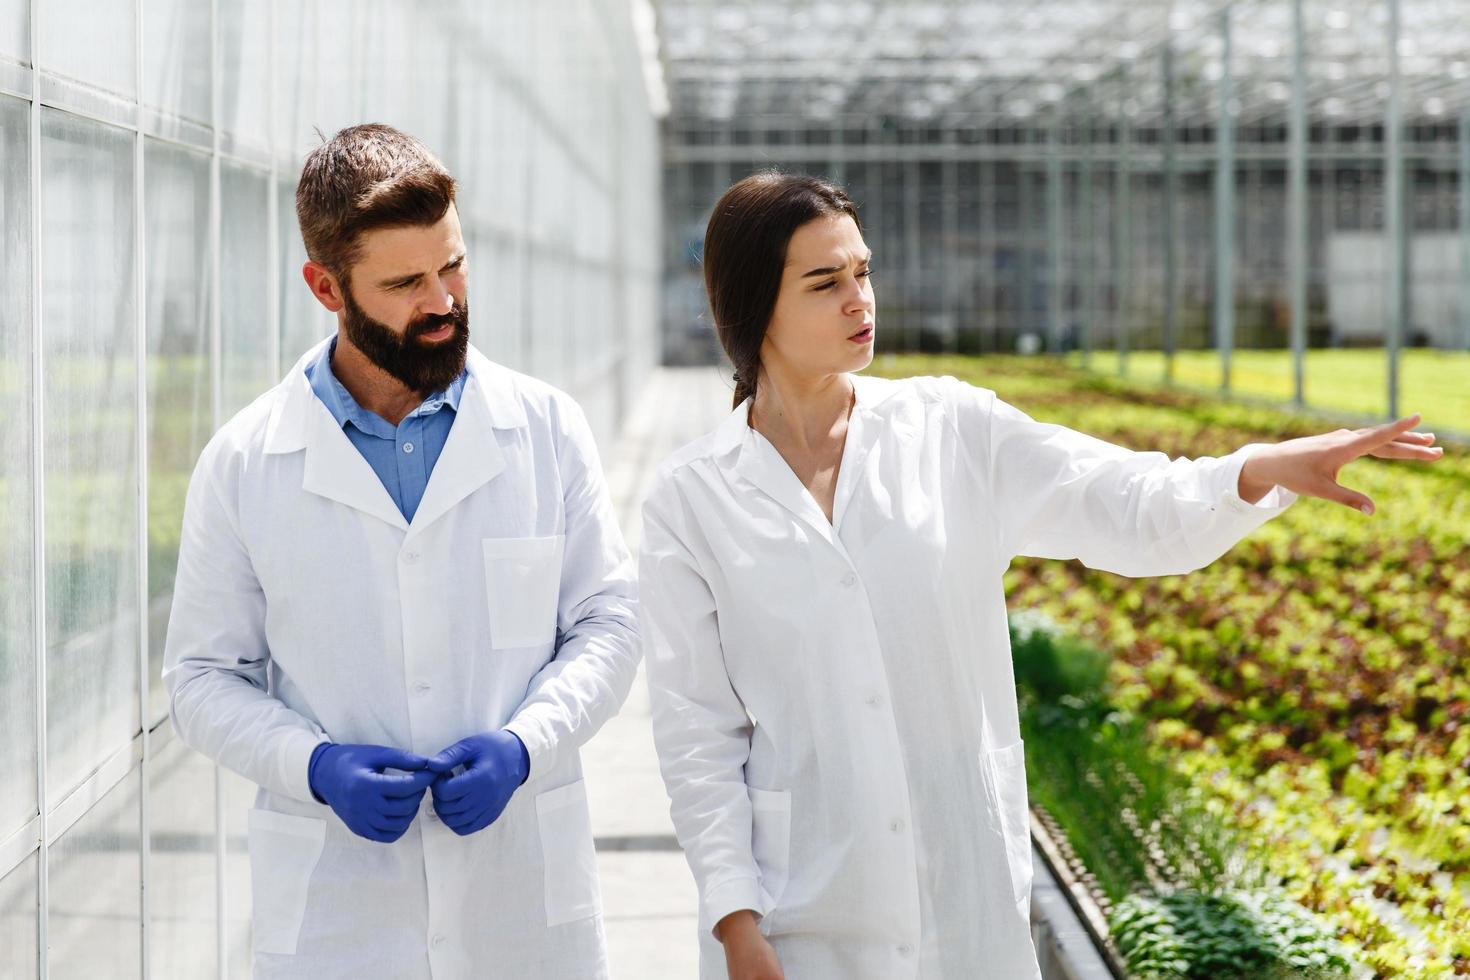 due ricercatori in abiti da laboratorio camminano intorno alla serra foto